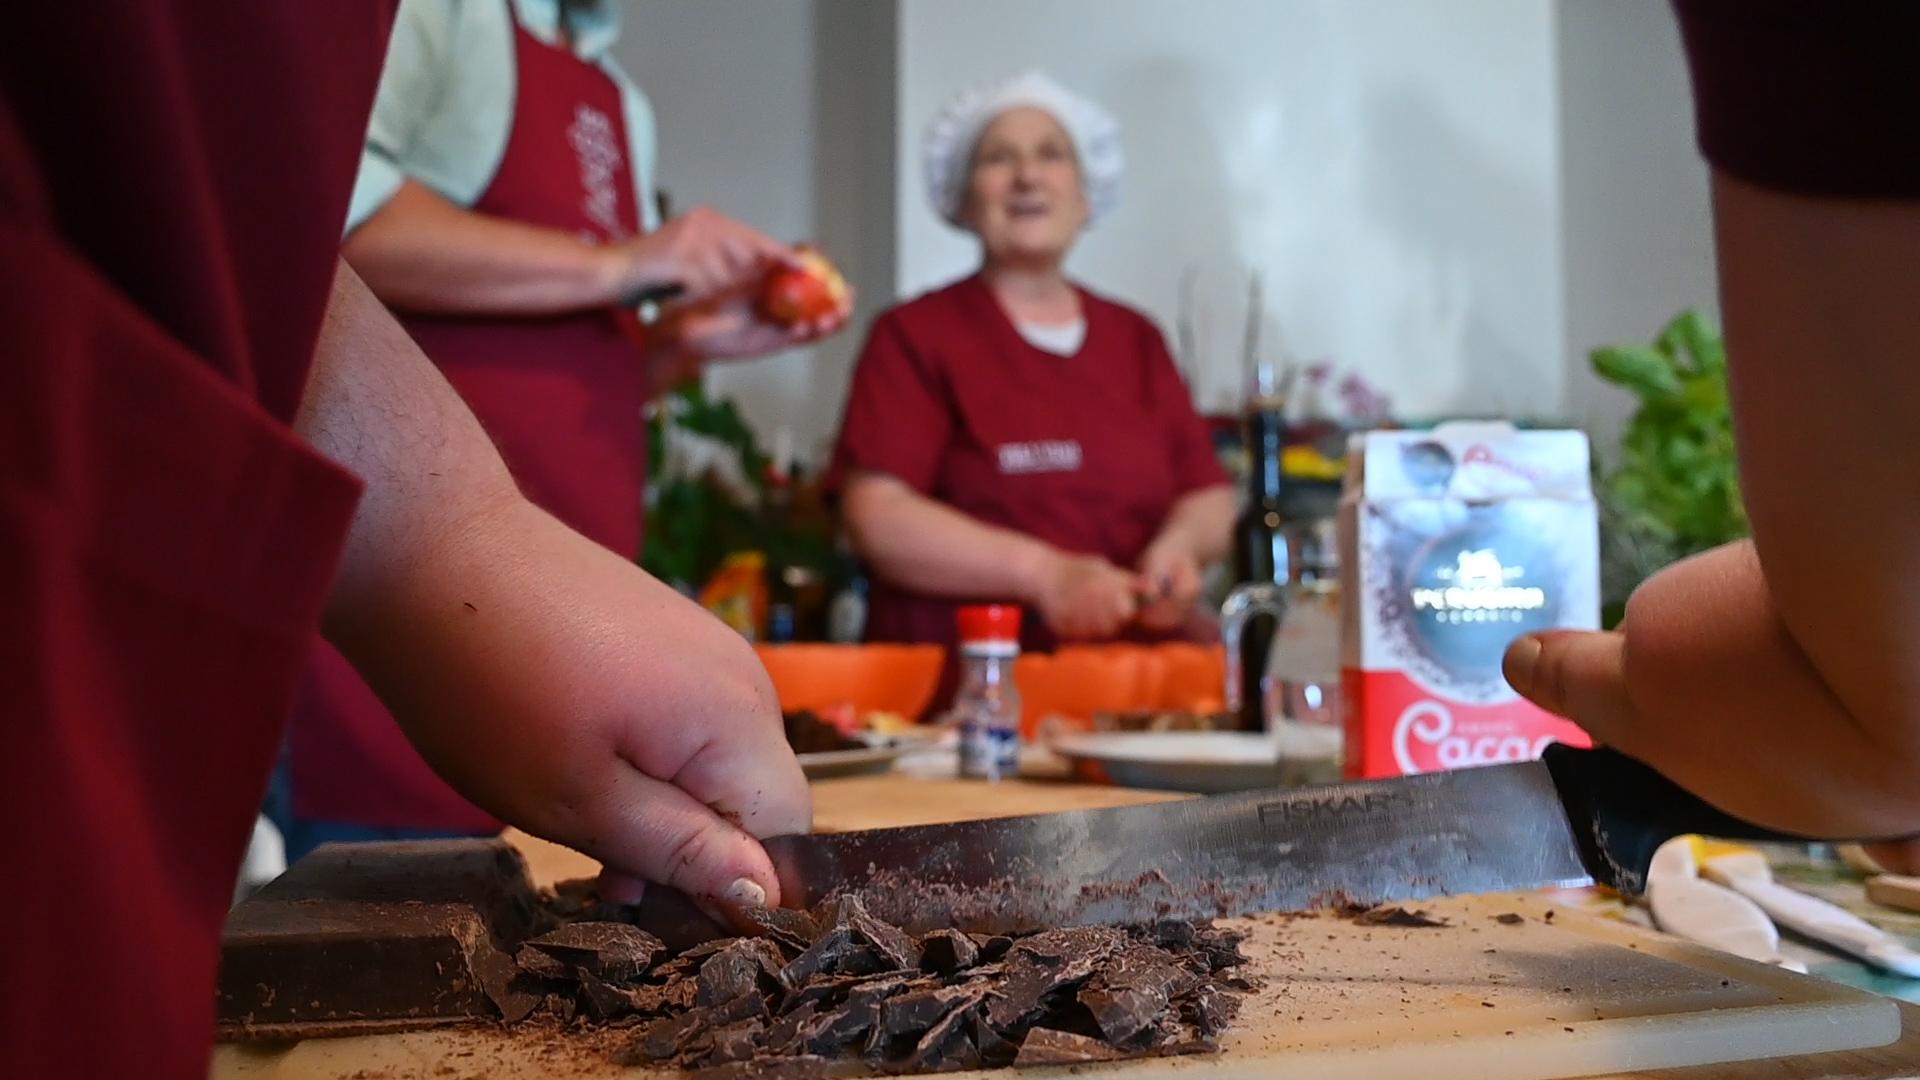 Esperienza sensoriale Assisi Tili Vini - Lezioni di cucina Umbra 14